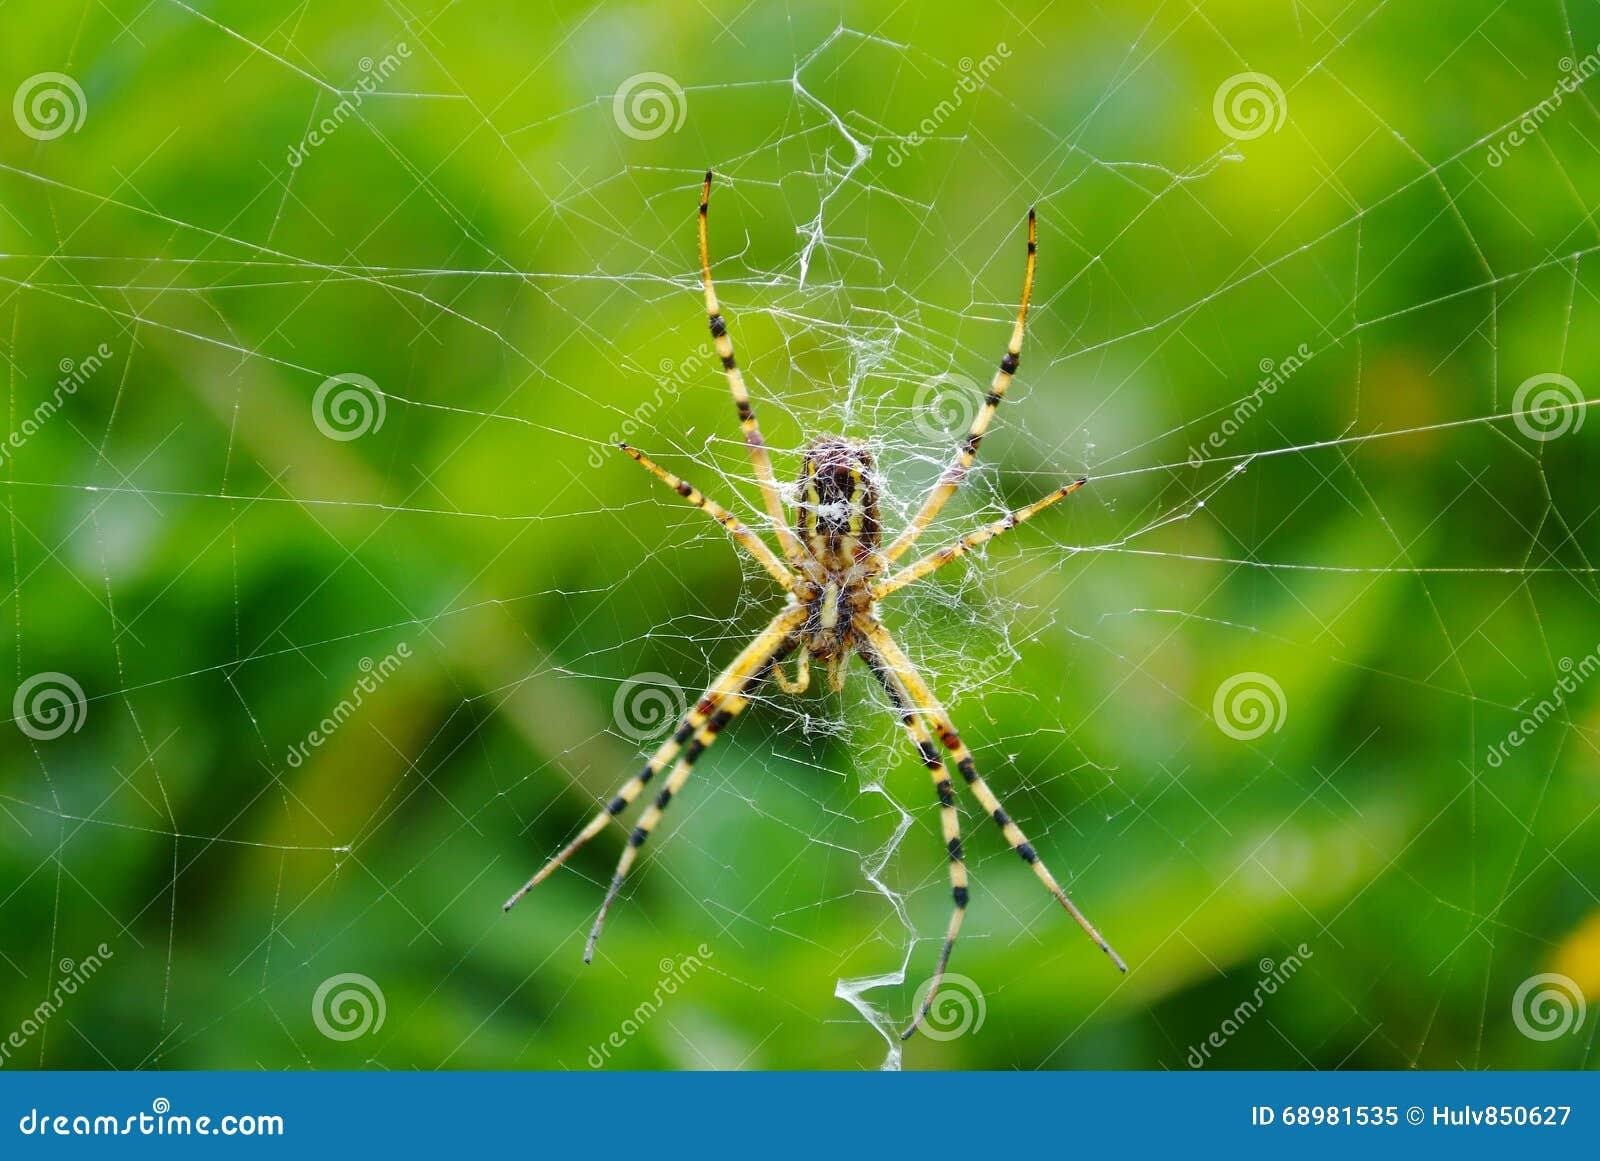 Araña que espera en su web